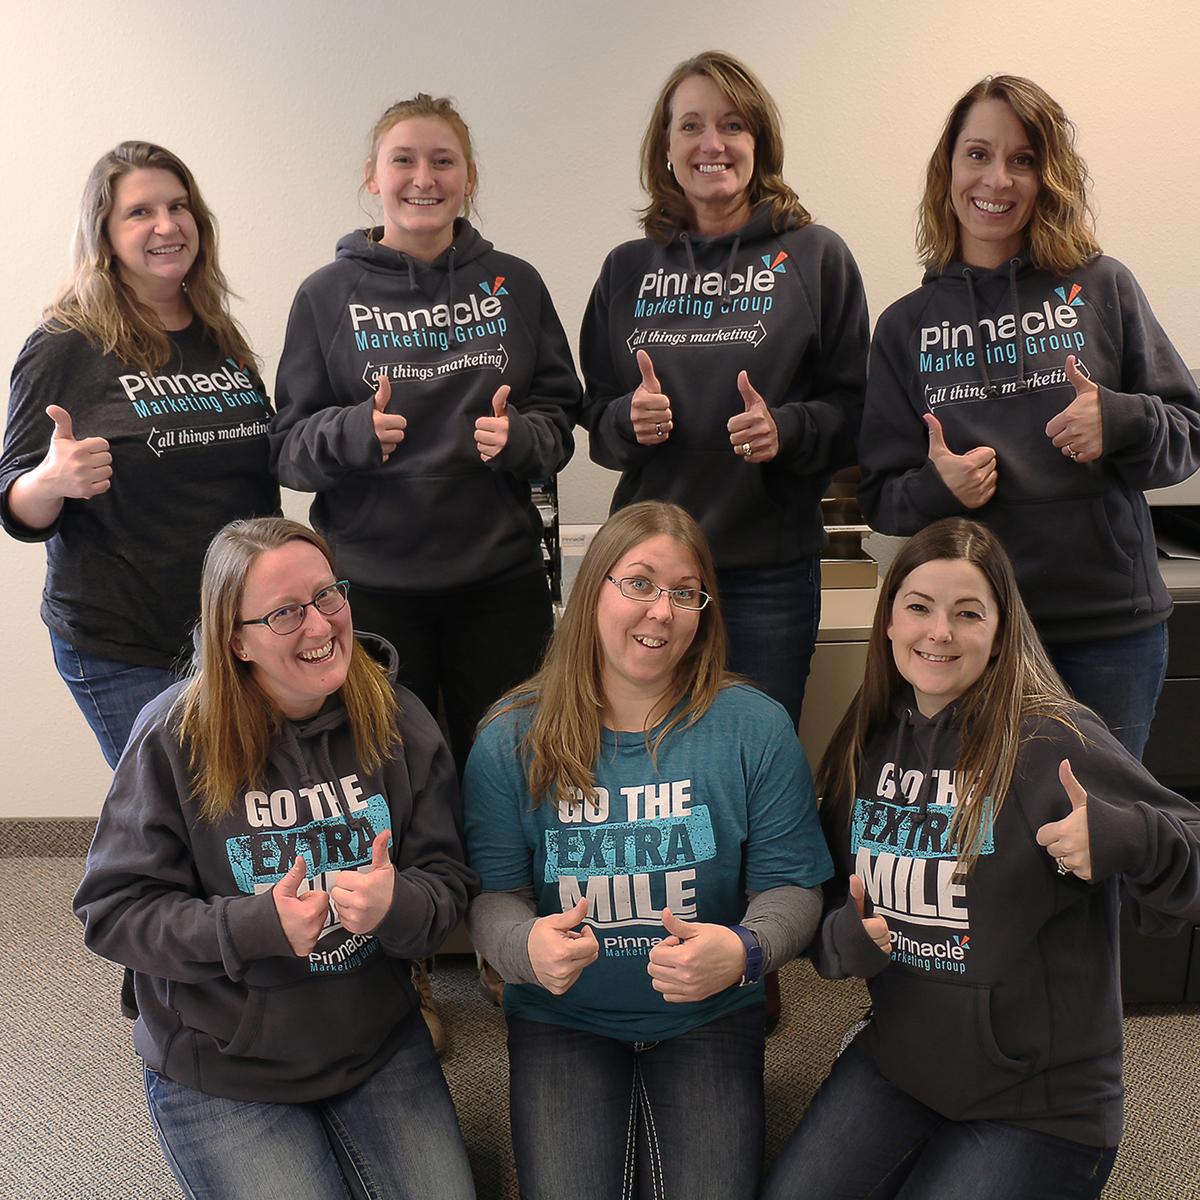 Pinnacle Marketing Group employees wearing PMG apparel